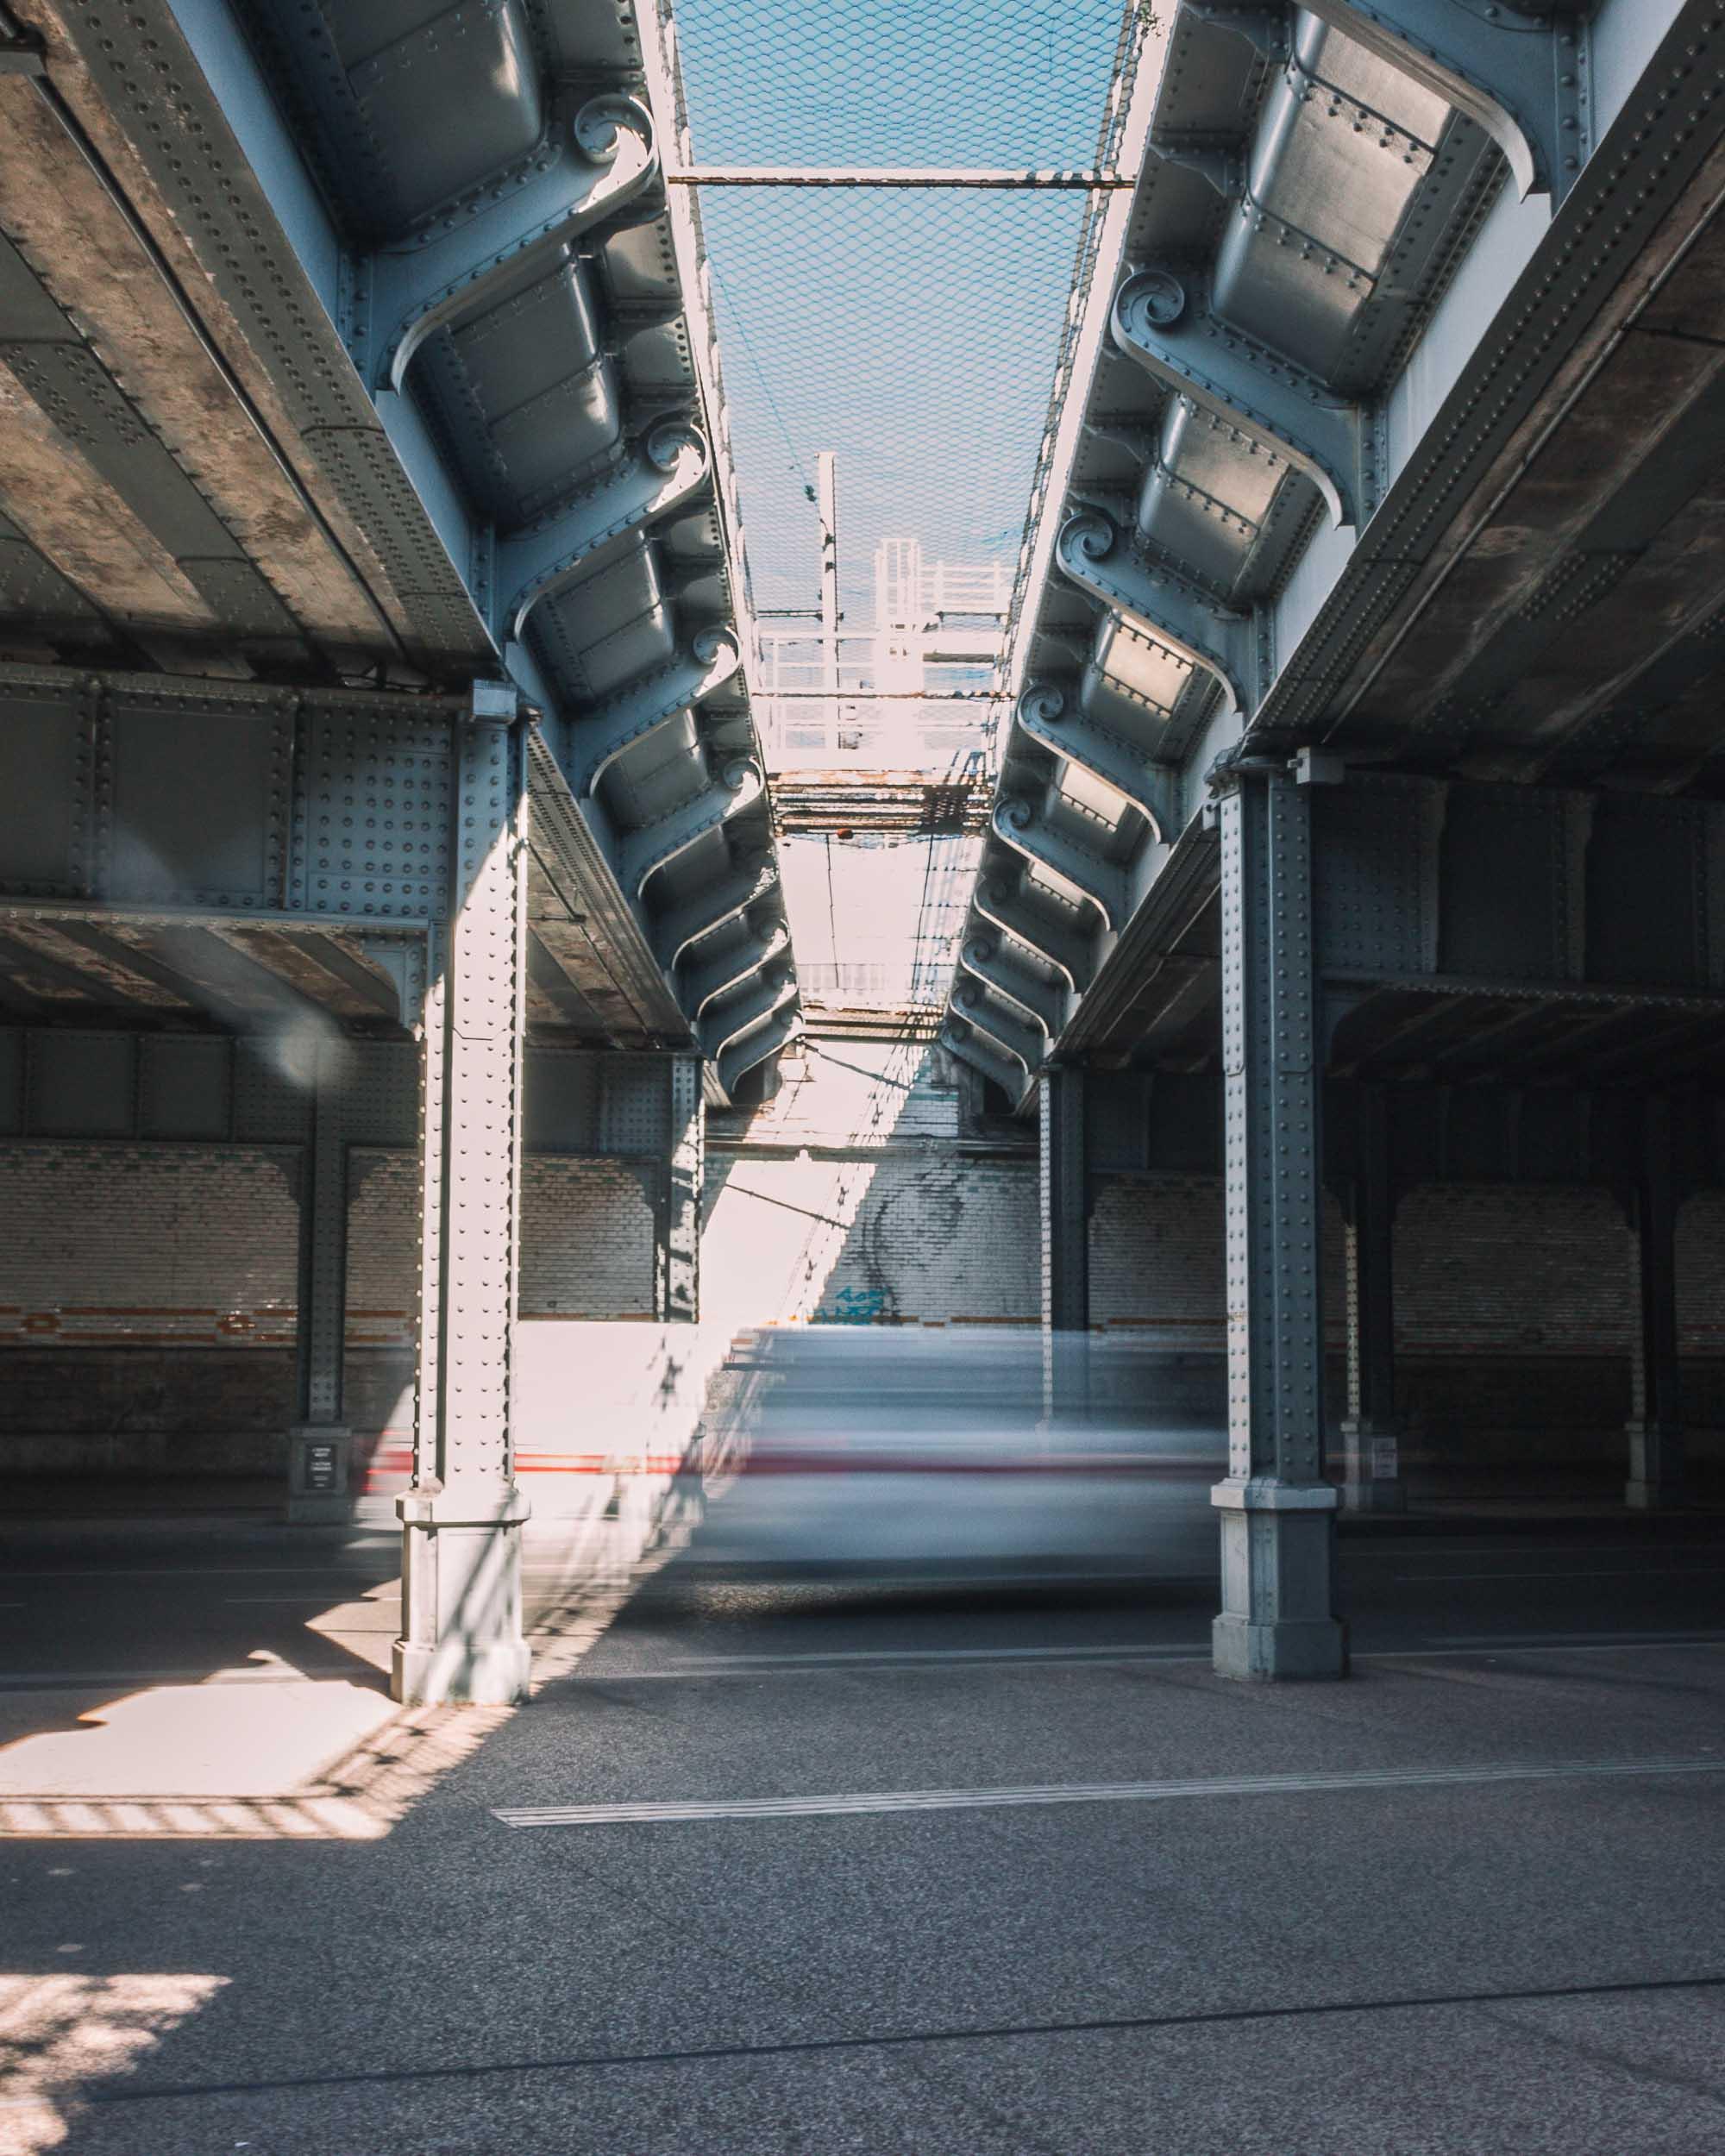 pont-jeanmacé-lyon-gui2raw